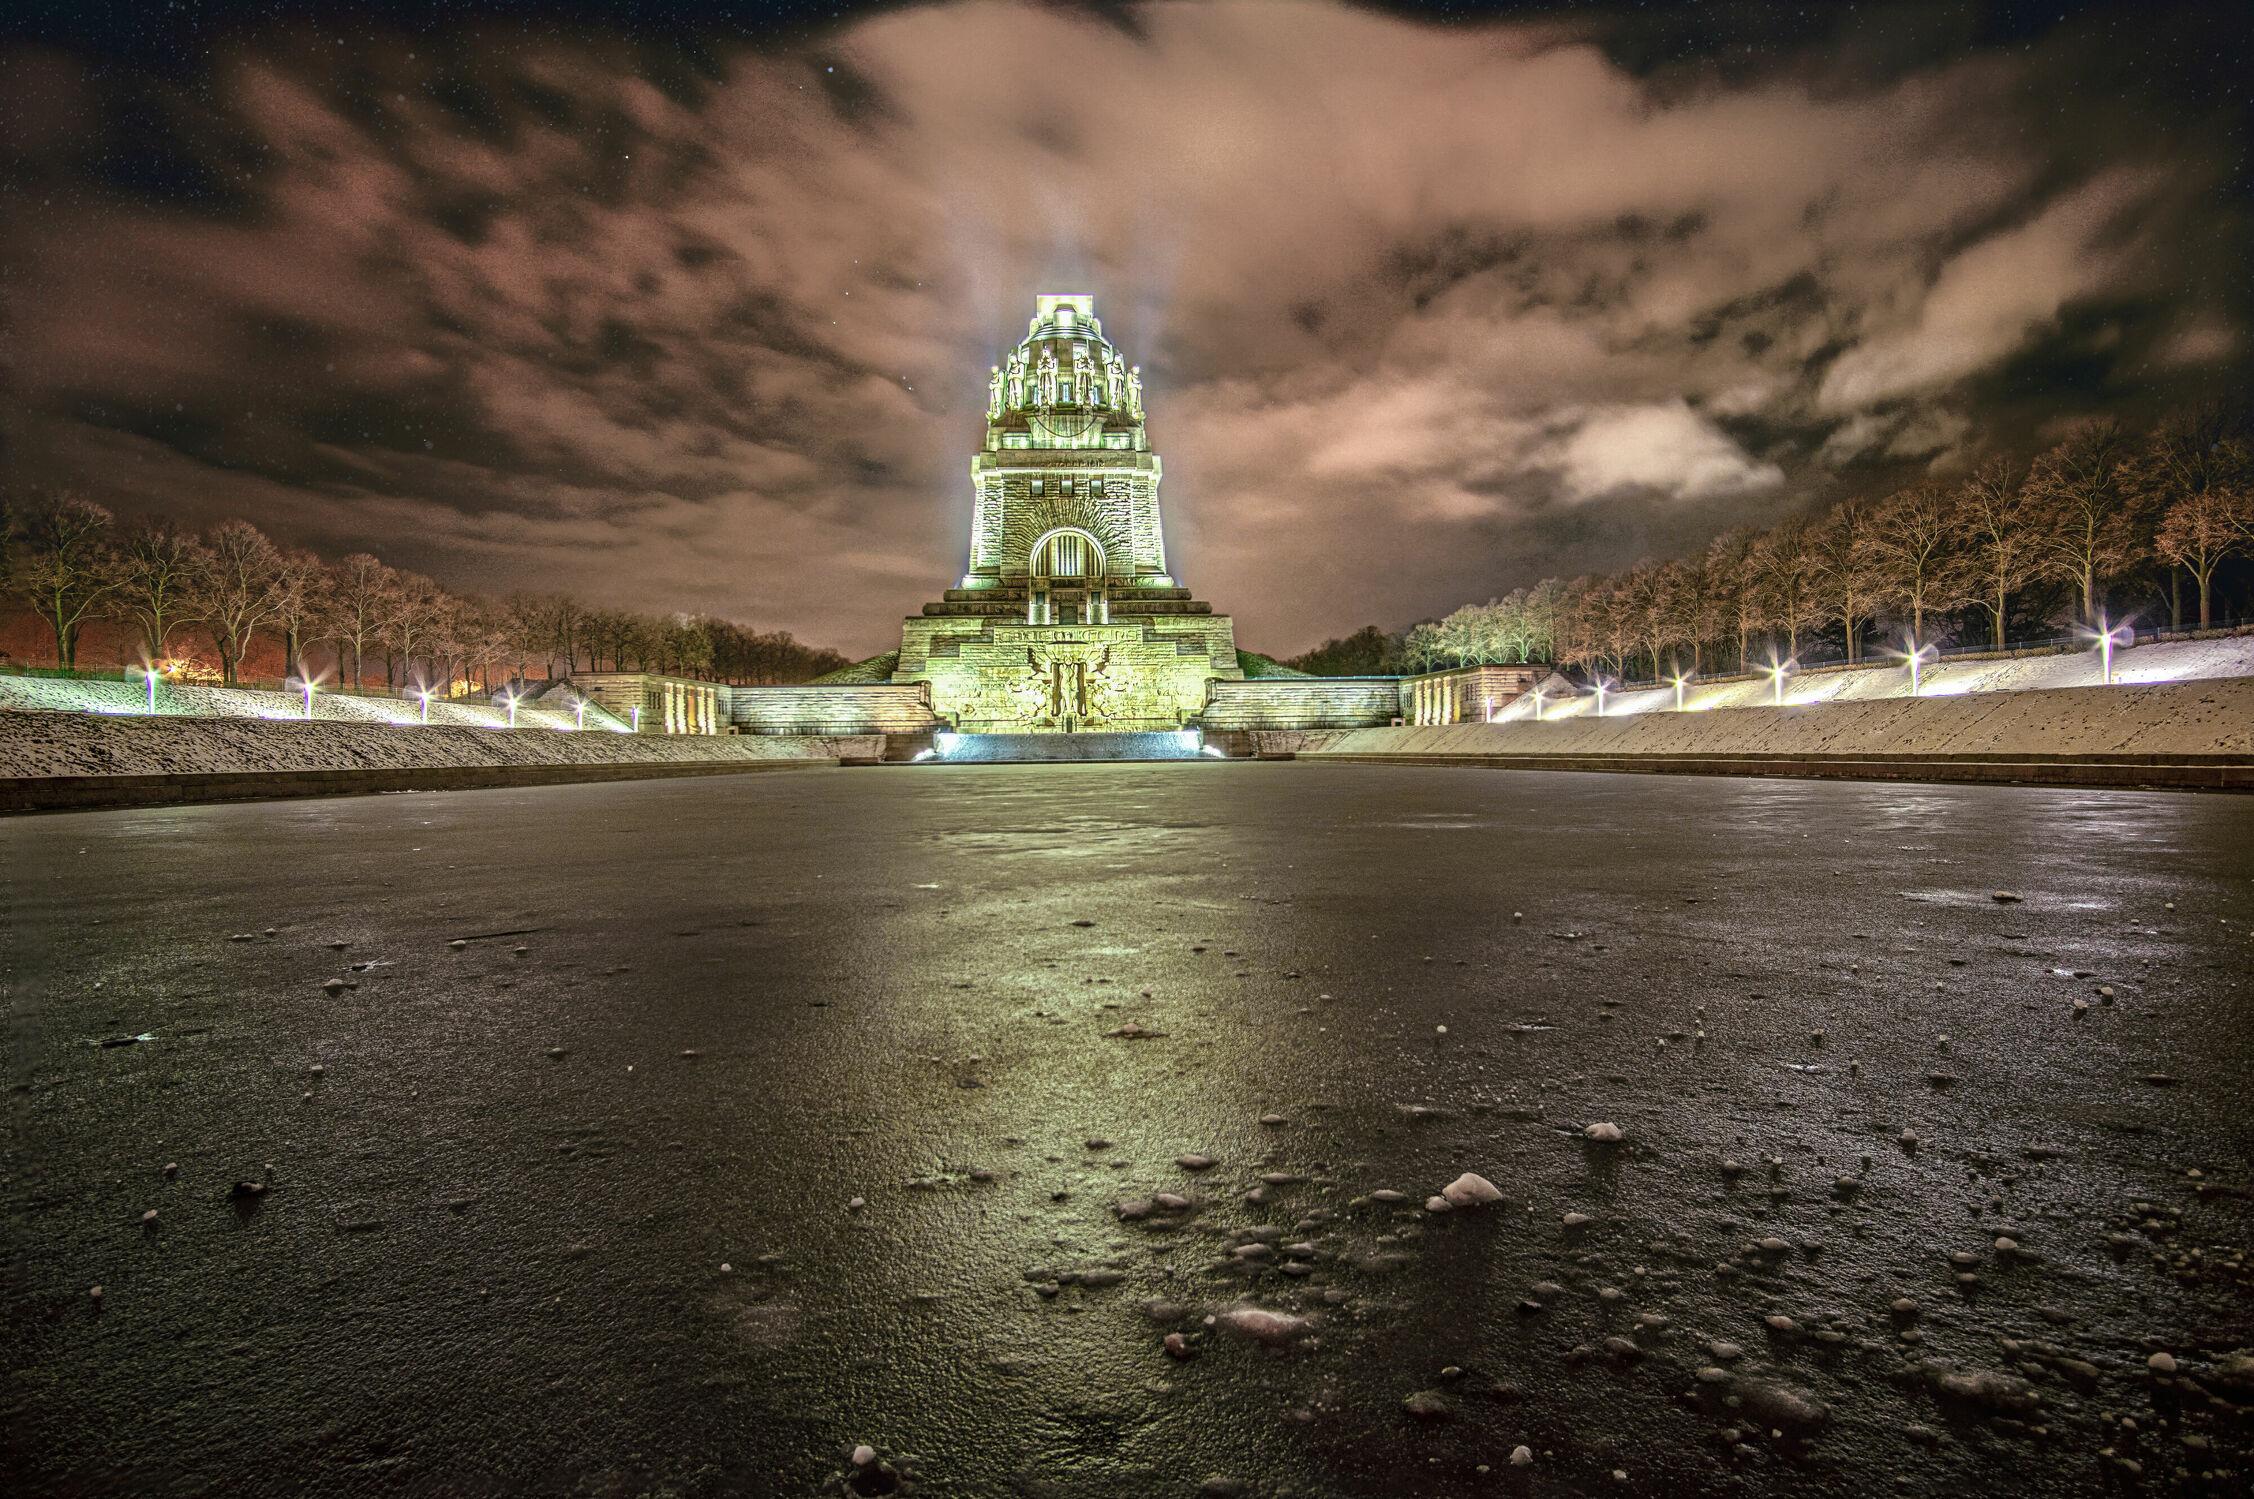 Bild mit Winter, Schnee, Bauwerke, Licht, Sterne, Nacht, Denkmal, Historisch, Leipzig